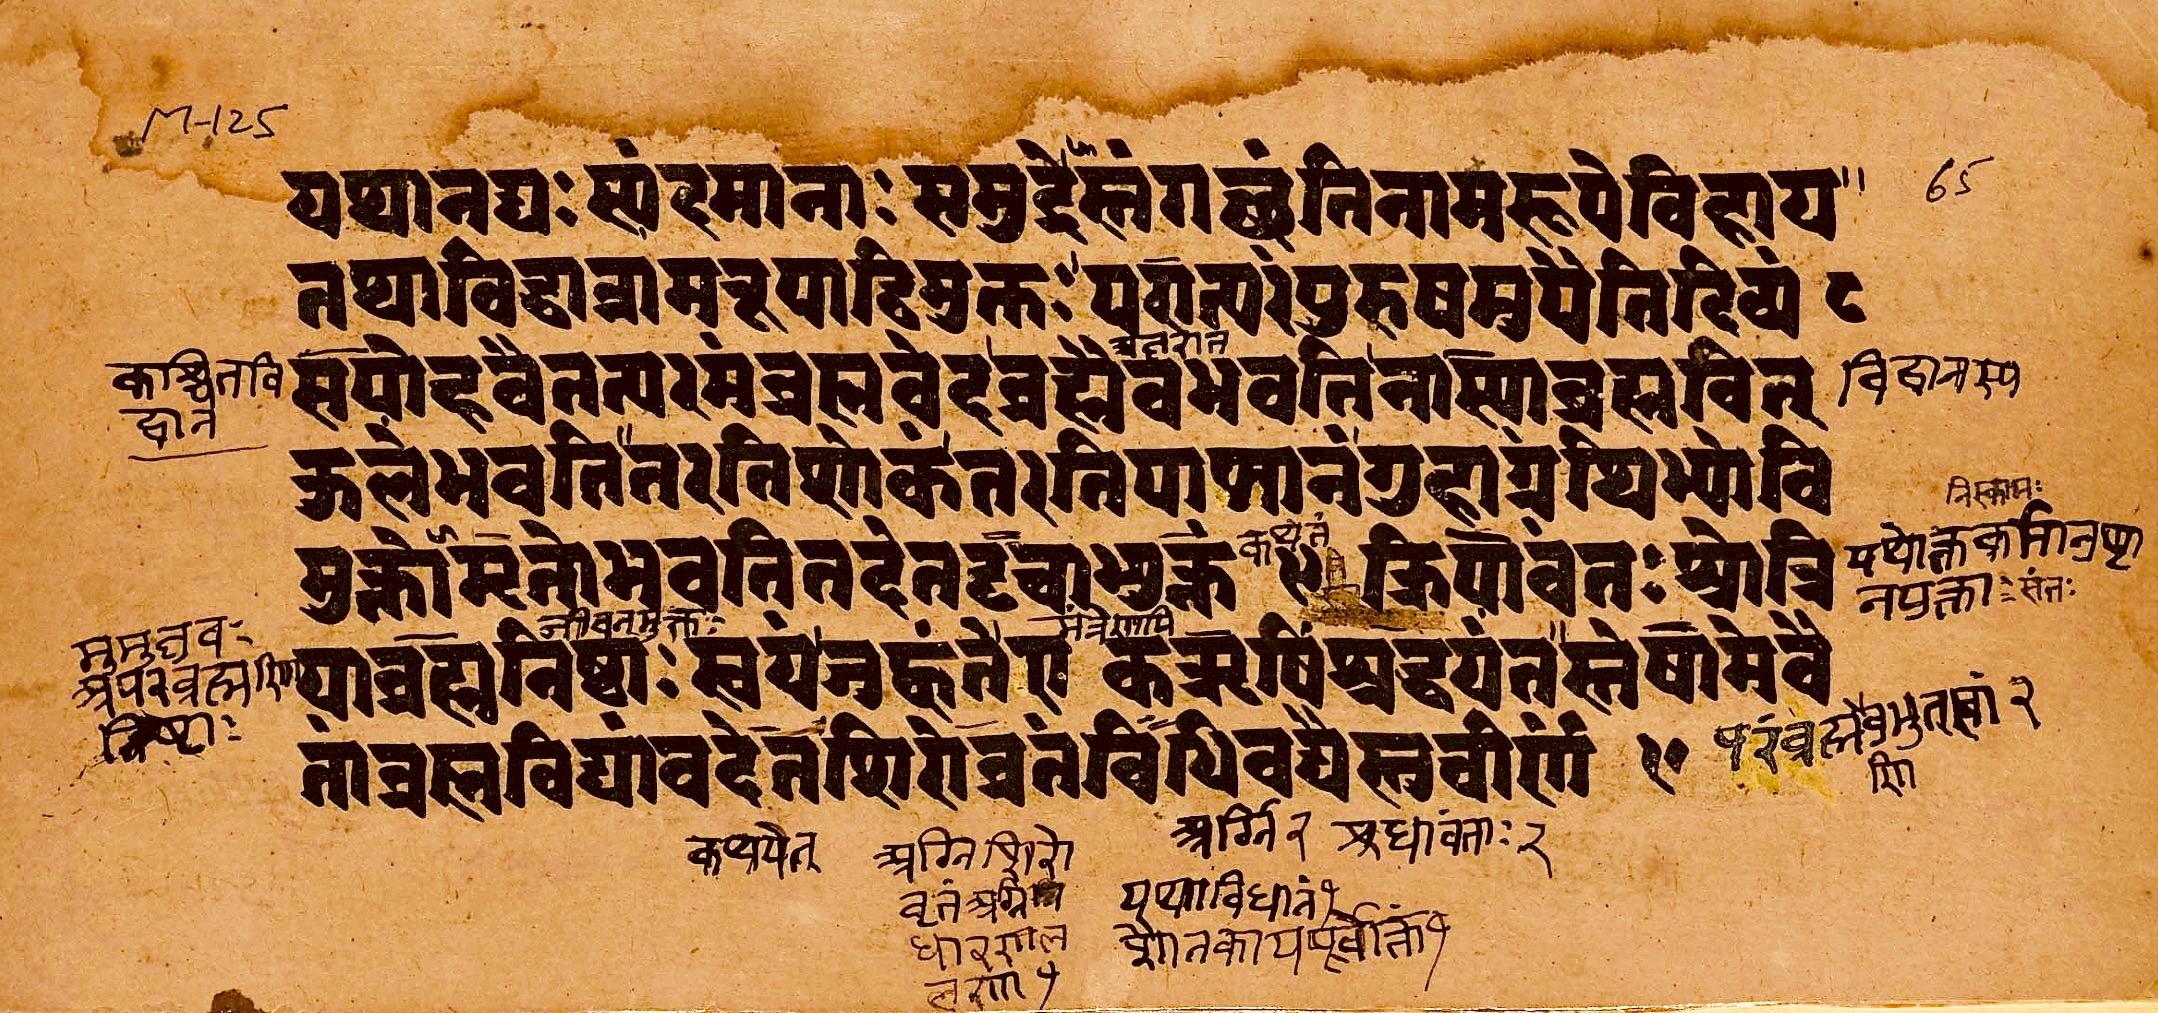 Mundaka Upanishad - Wikipedia